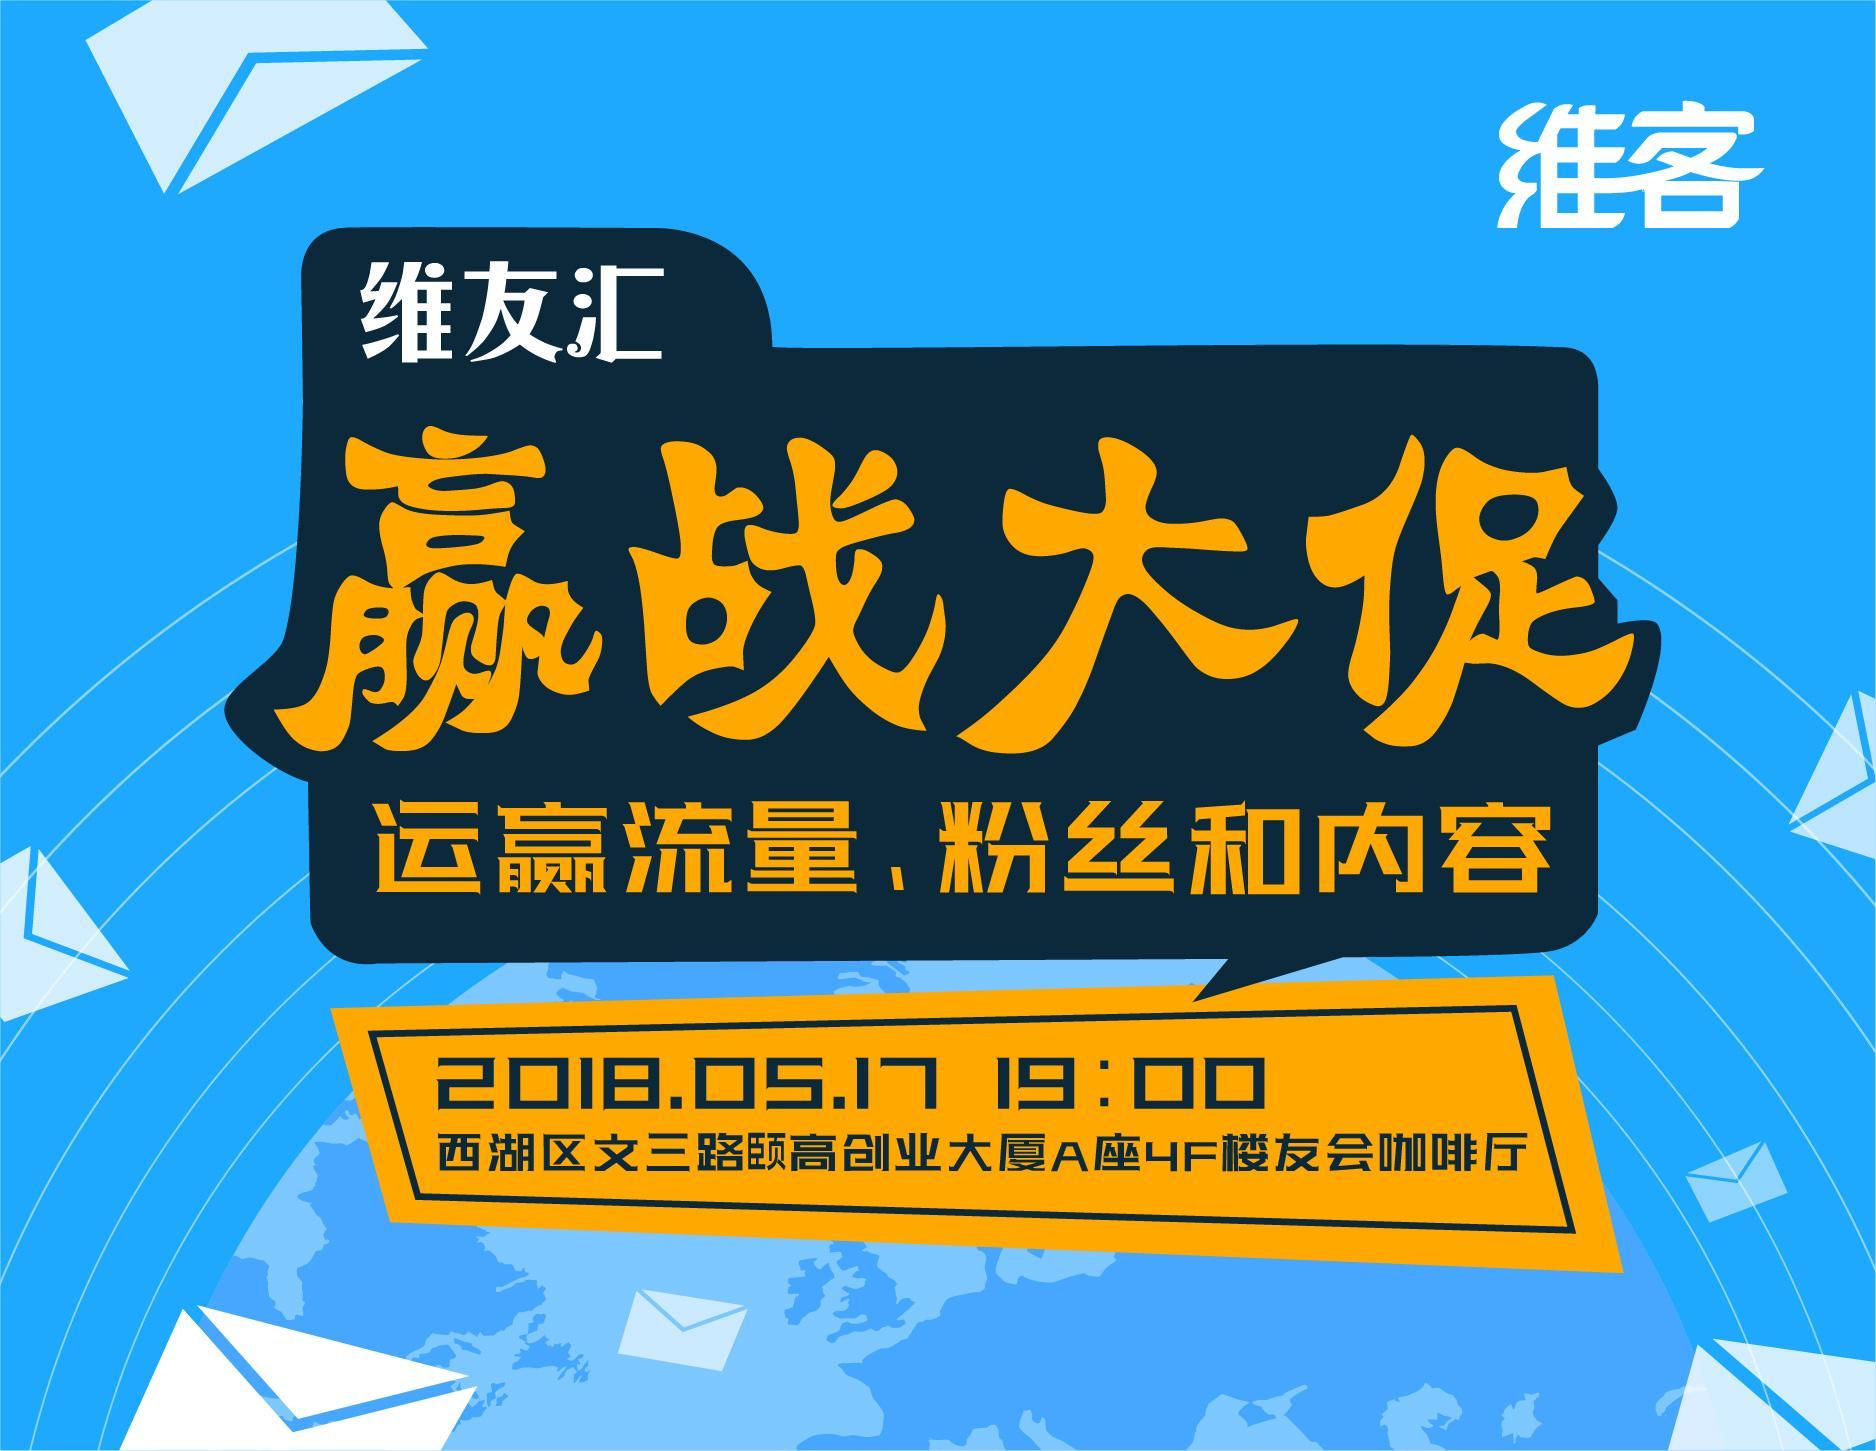 维友汇赢战大促线下沙龙将在杭州举办